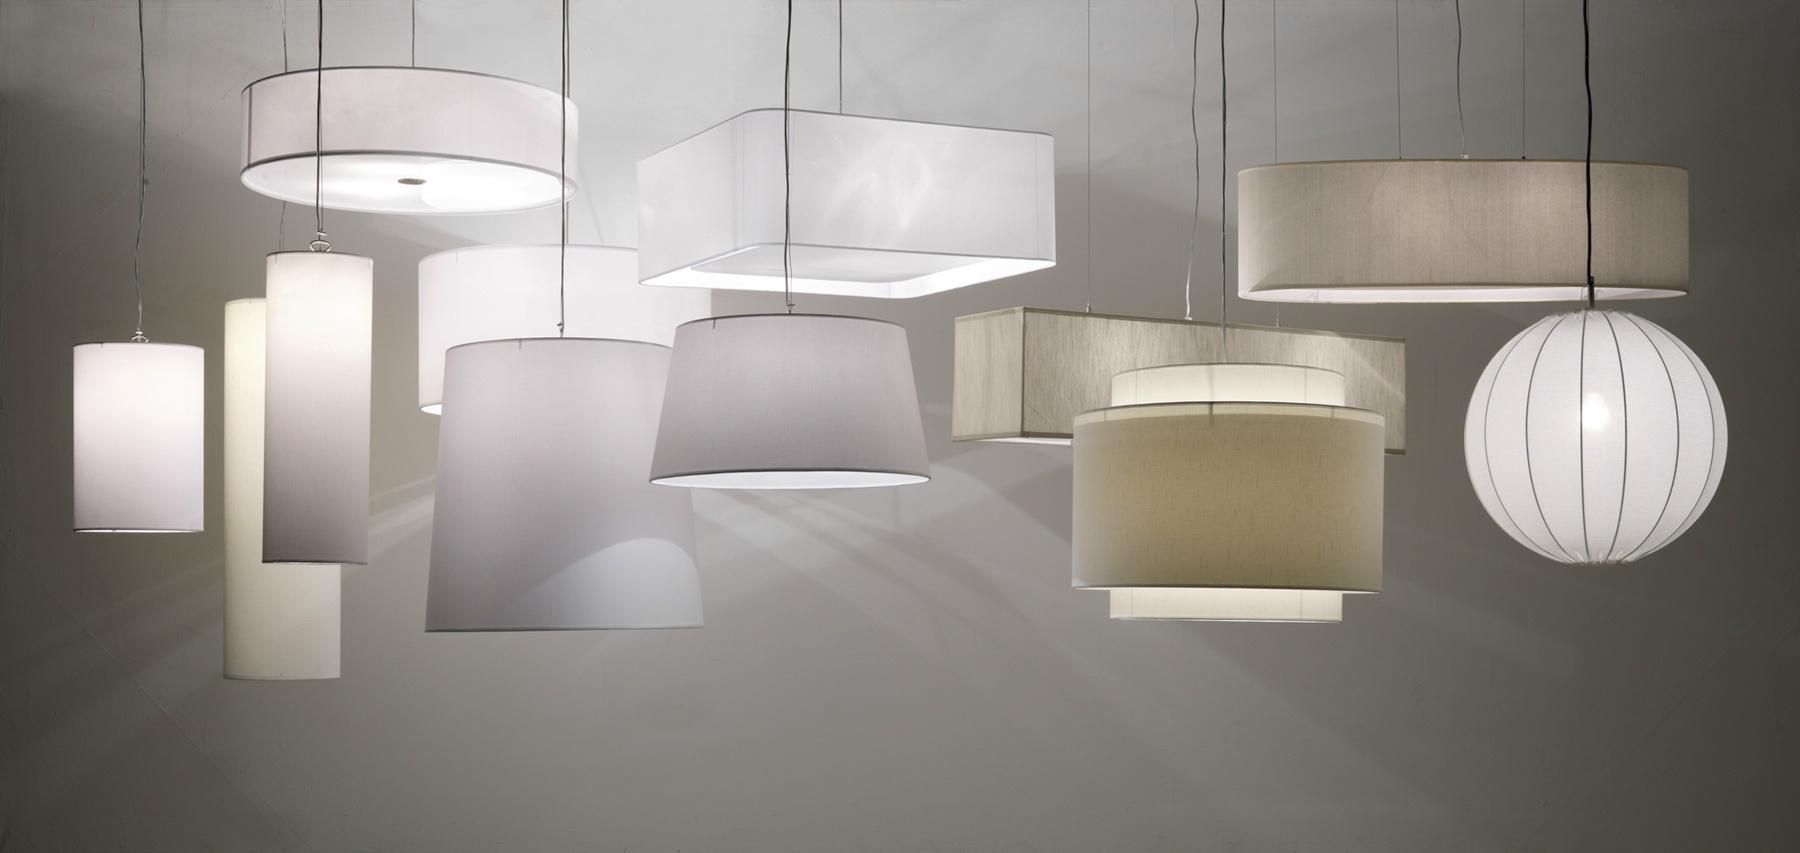 Complementi per l 39 illuminazione in plexiglass a napoli e provincialavorazione plexiglass e - Lampadari ikea catalogo ...